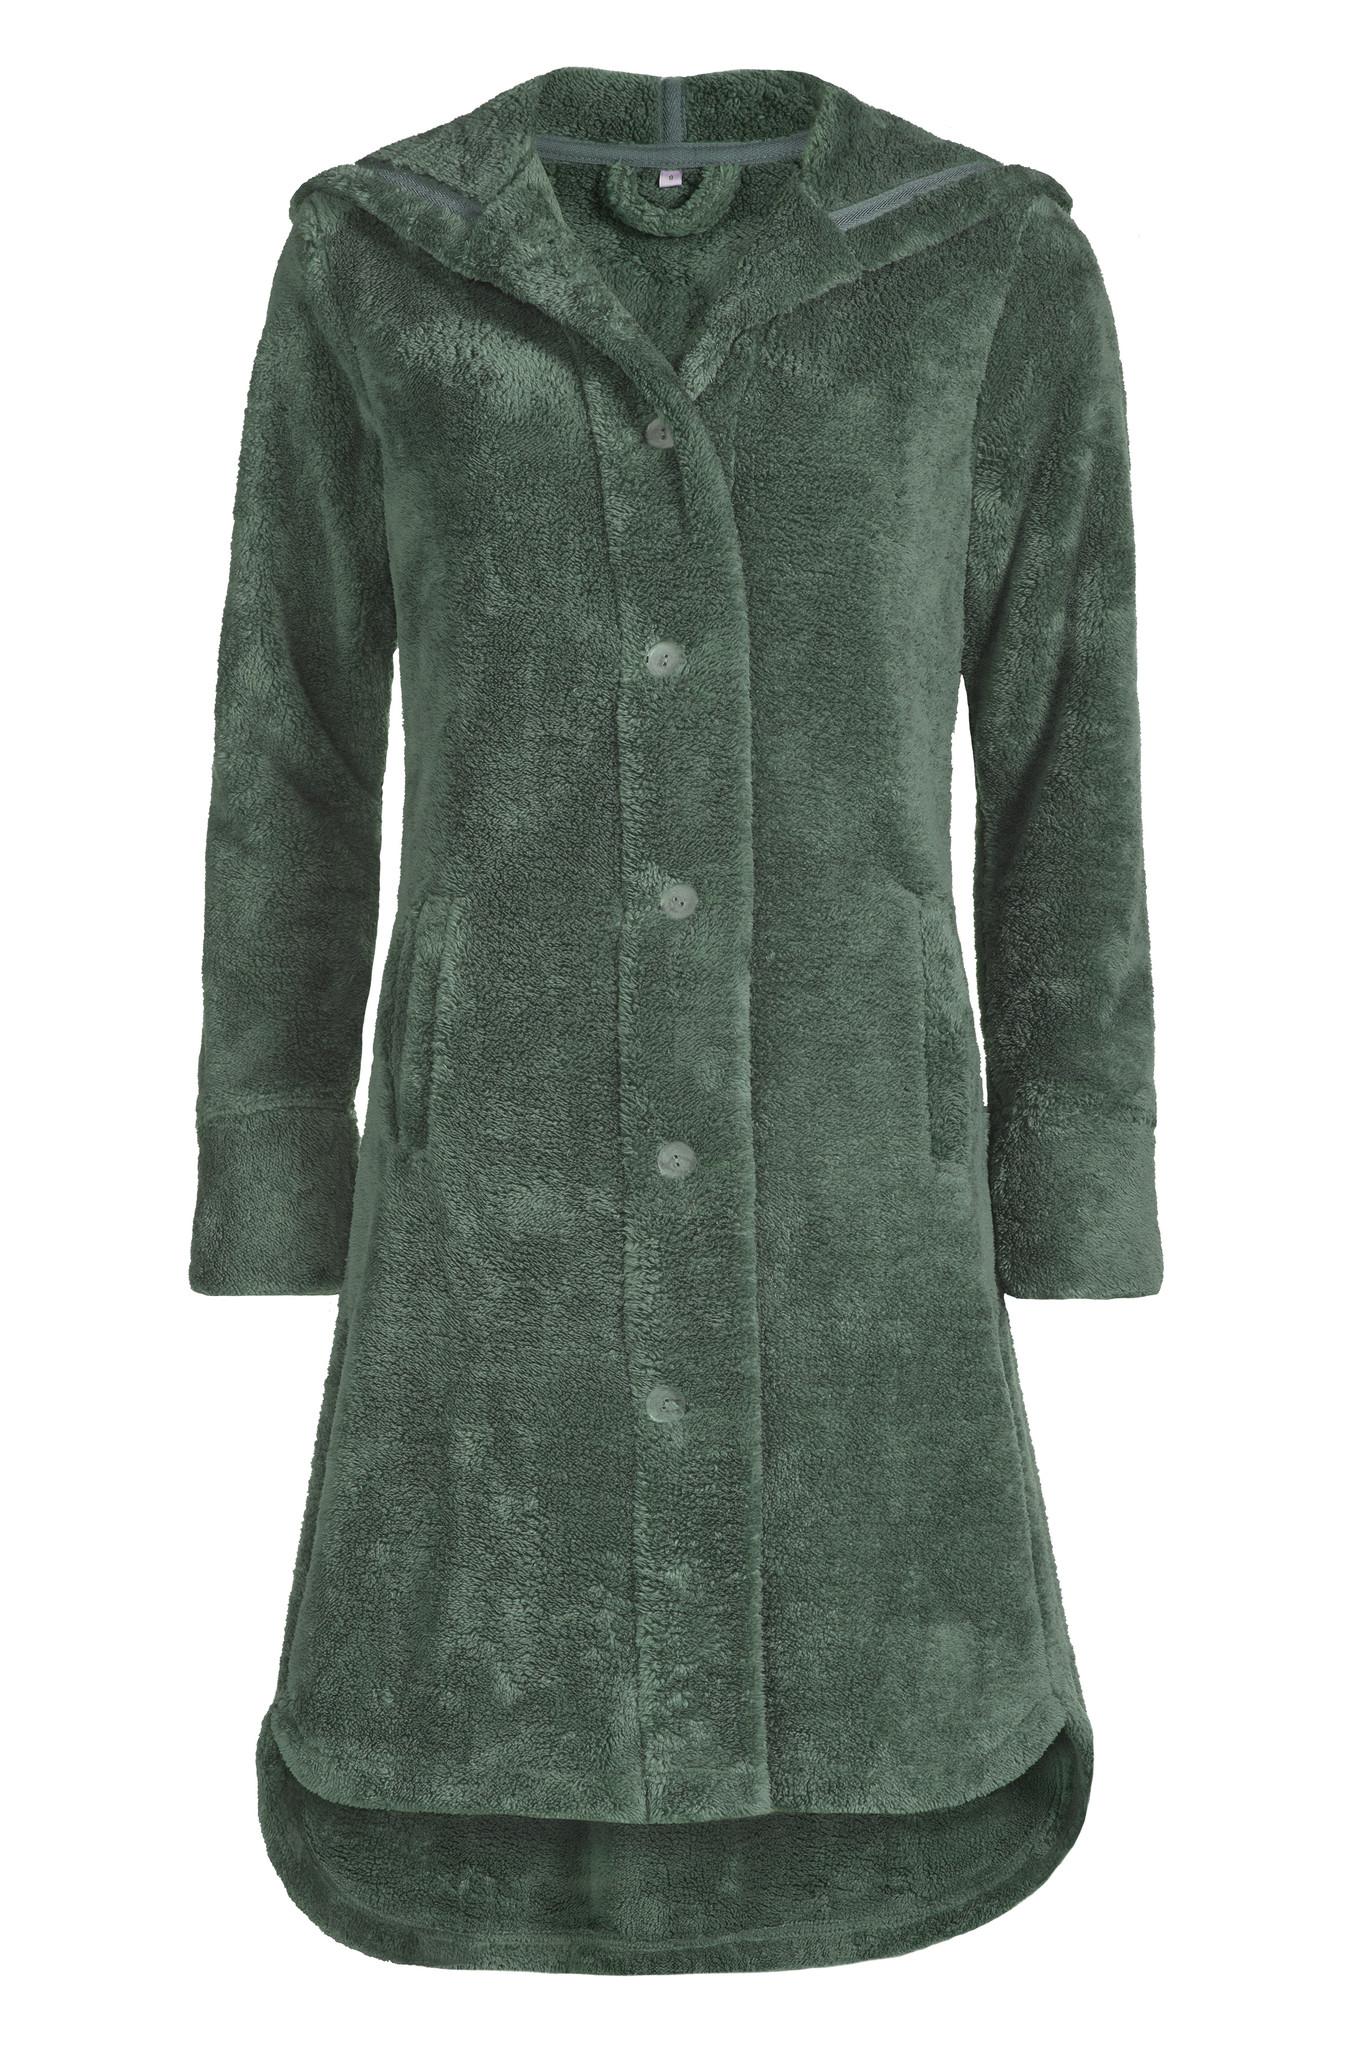 Vandyck dames badjas Alabama kleur Olive met capuchon